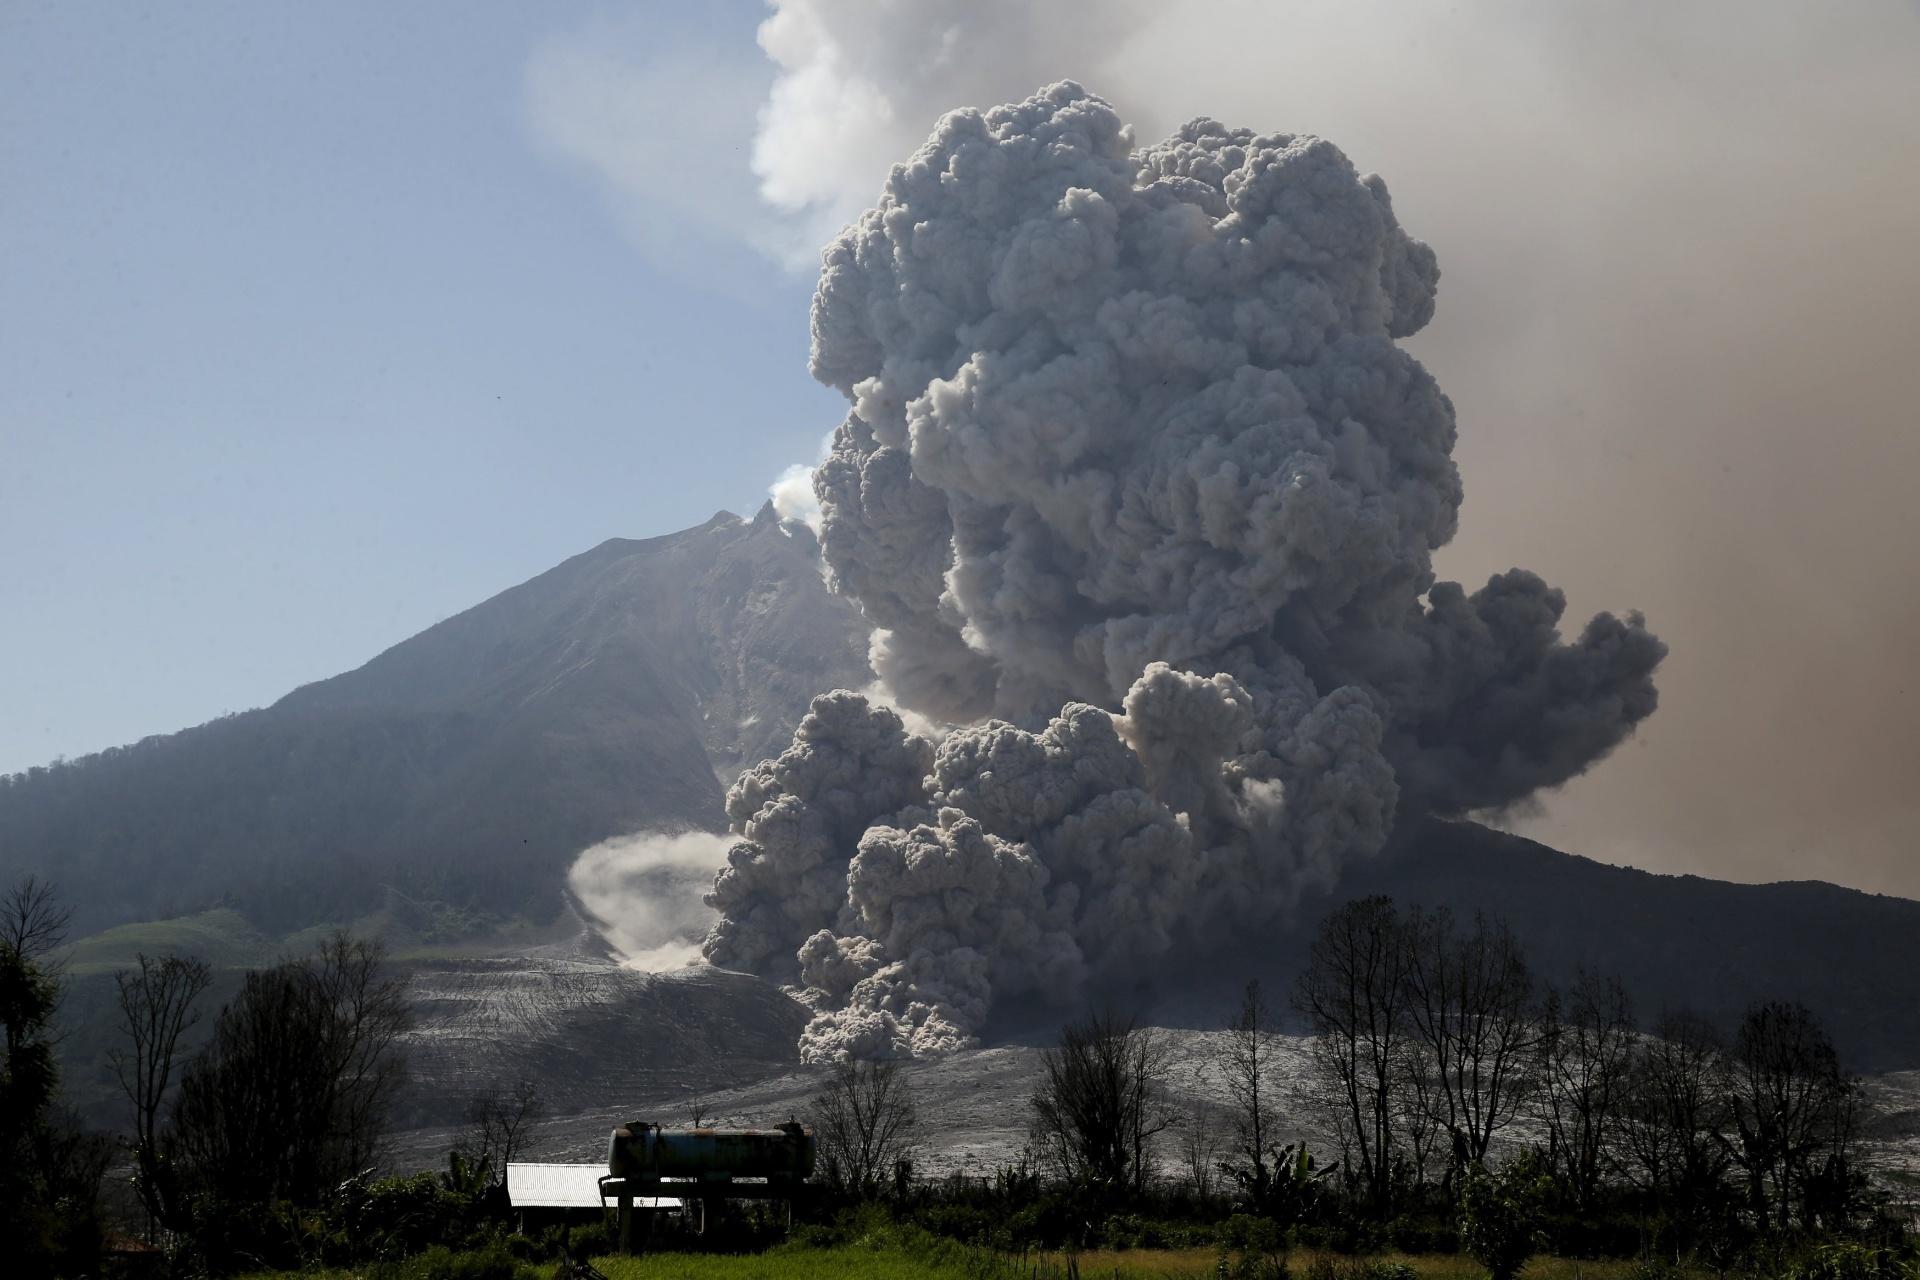 29.jun.2015 - Vulcão Sinabung expele cinzas durante erupção, vista do vilarejo de Beras Tepu, no norte de Sumatra, na Indonésia, nesta segunda-feira (29). Mais de 10 mil pessoas de 12 vilarejos deixaram suas casas e foram removidas para campos de refugiados, devido a erupção do vulcã